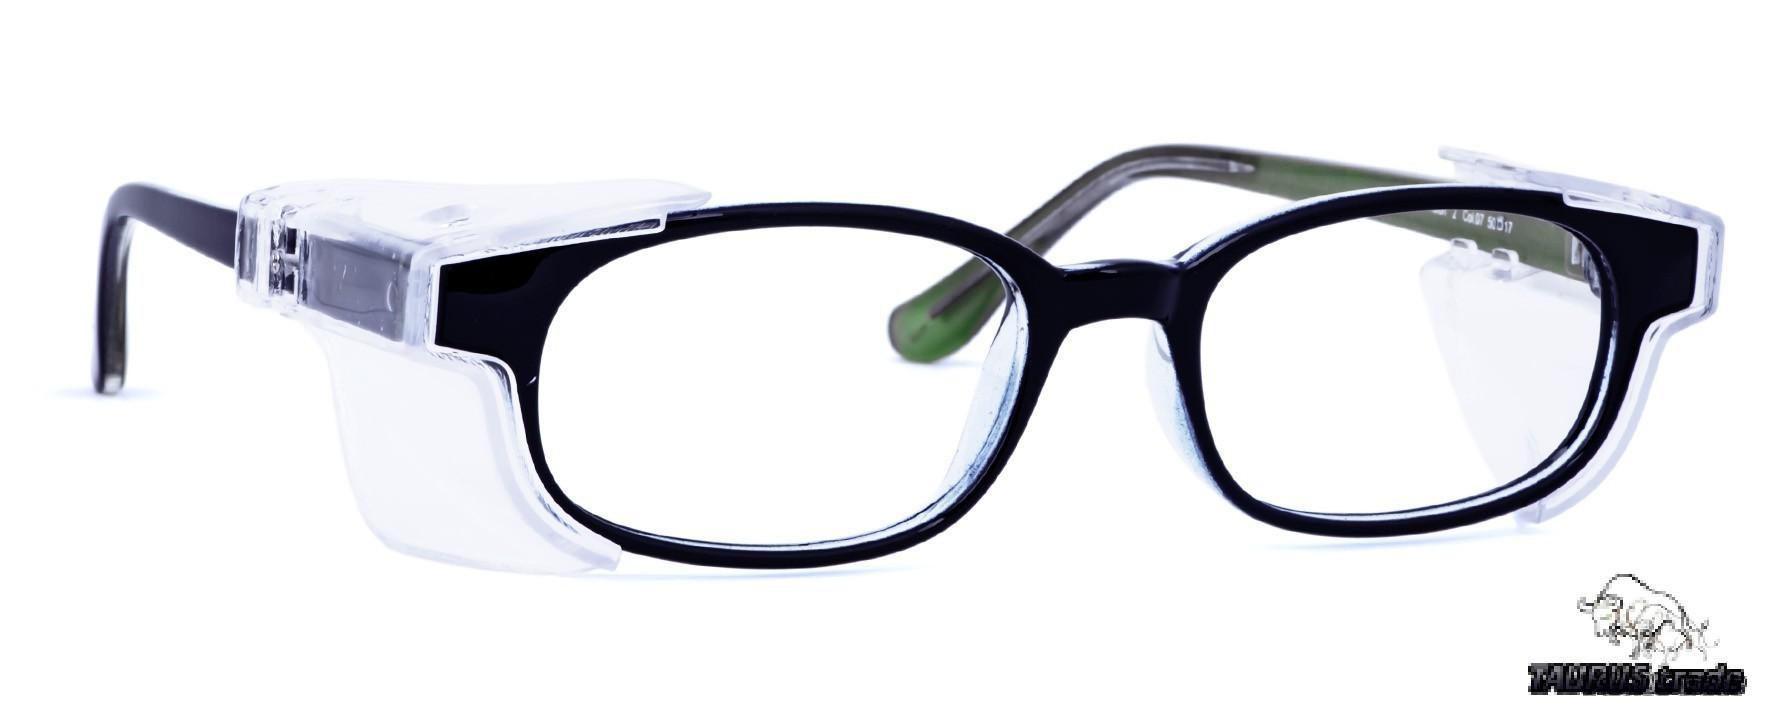 2070-07-4817-VISION-2-grau-grün